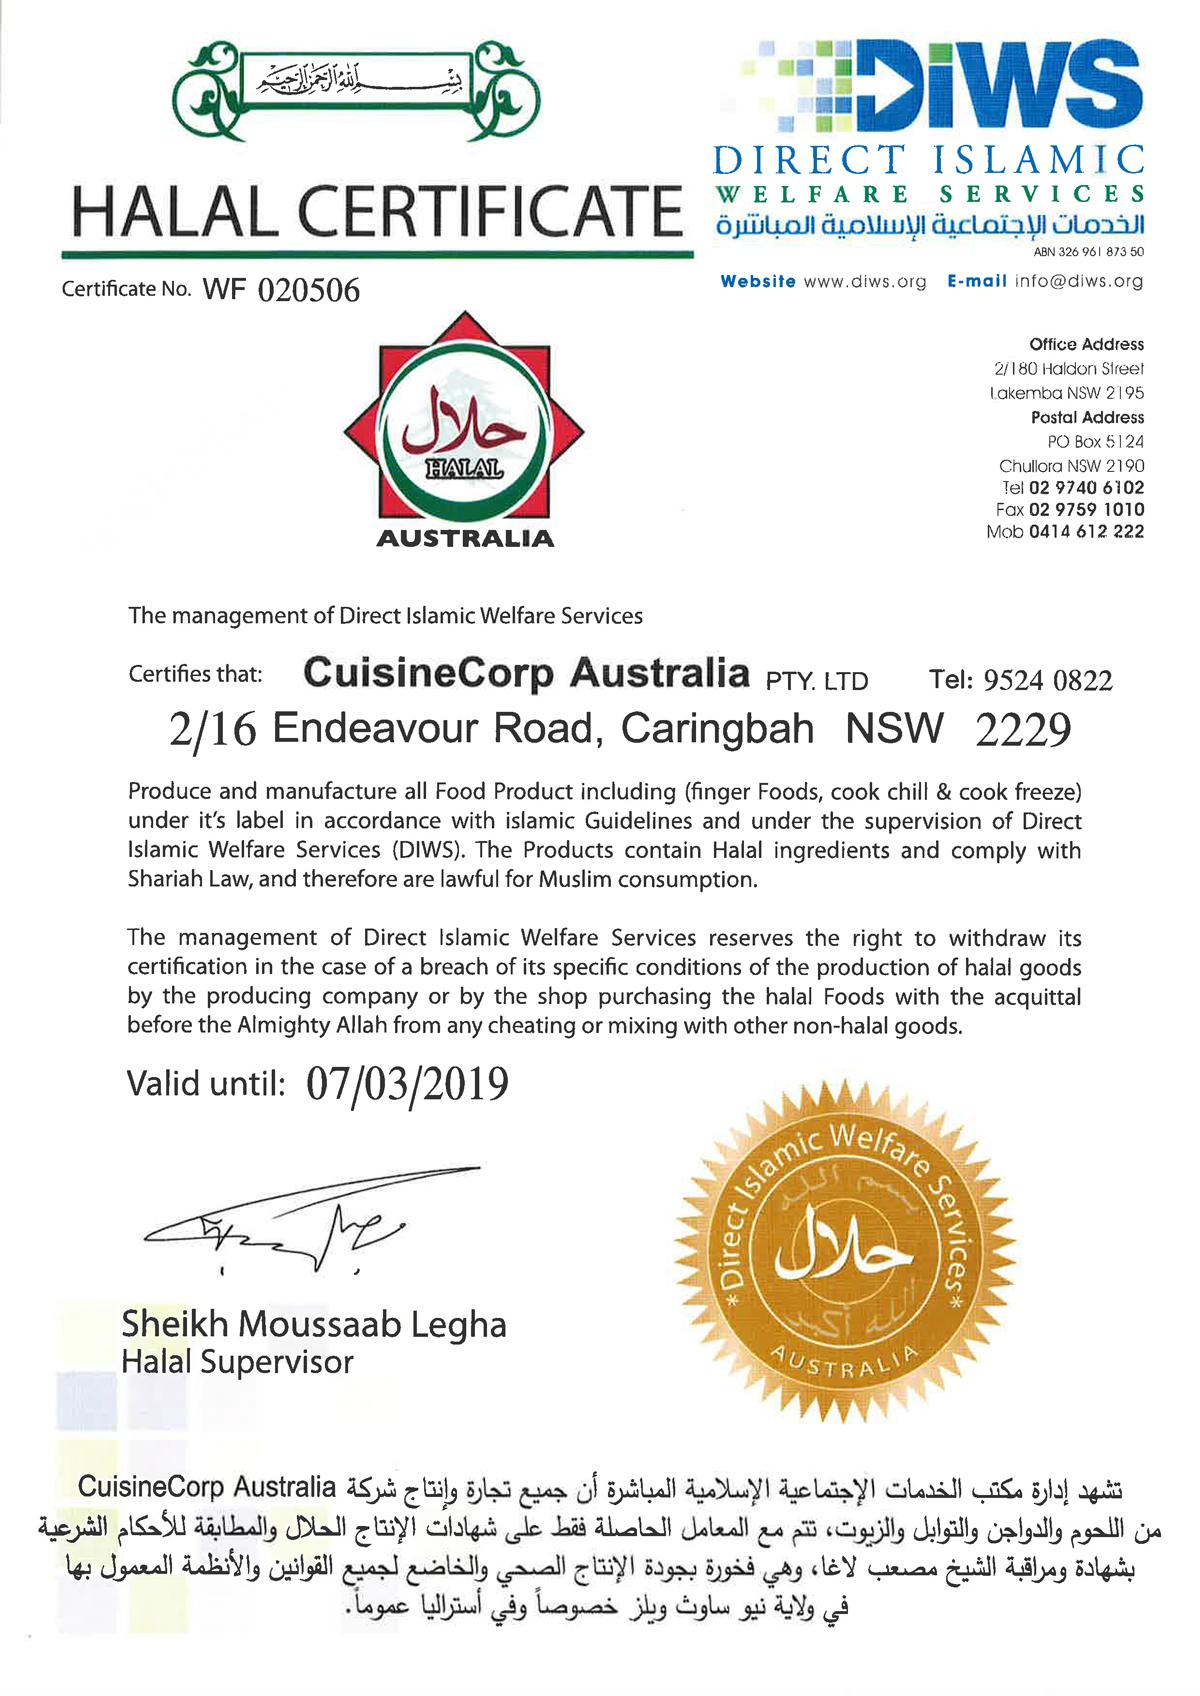 DIWS-CCA-Halal-Certificate-Expiry-2019